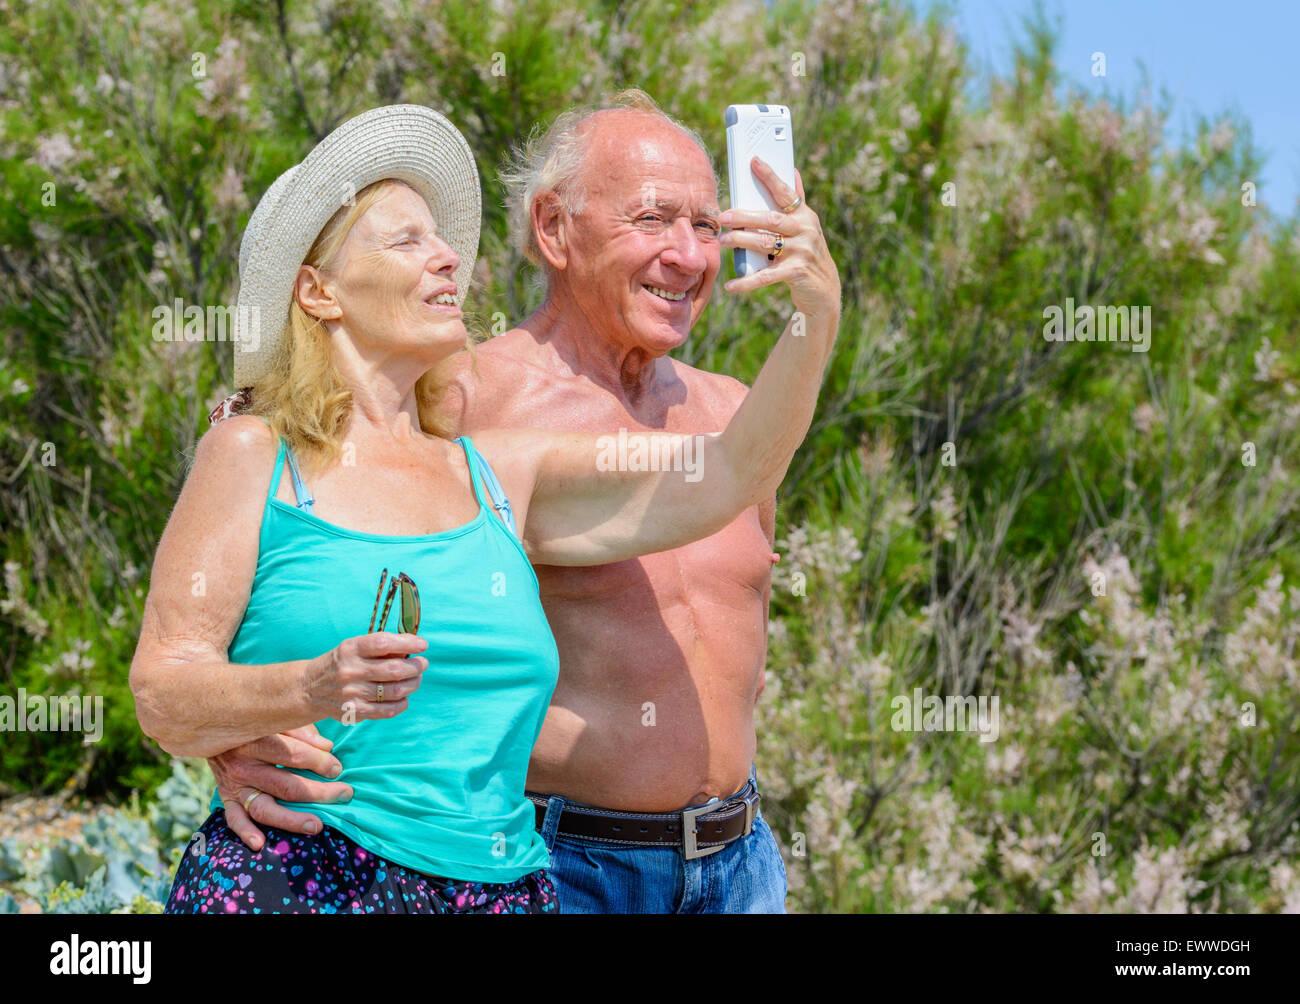 Pareja de ancianos tomando una foto selfie de sí mismos en un caluroso día de sol en verano en el Reino Imagen De Stock